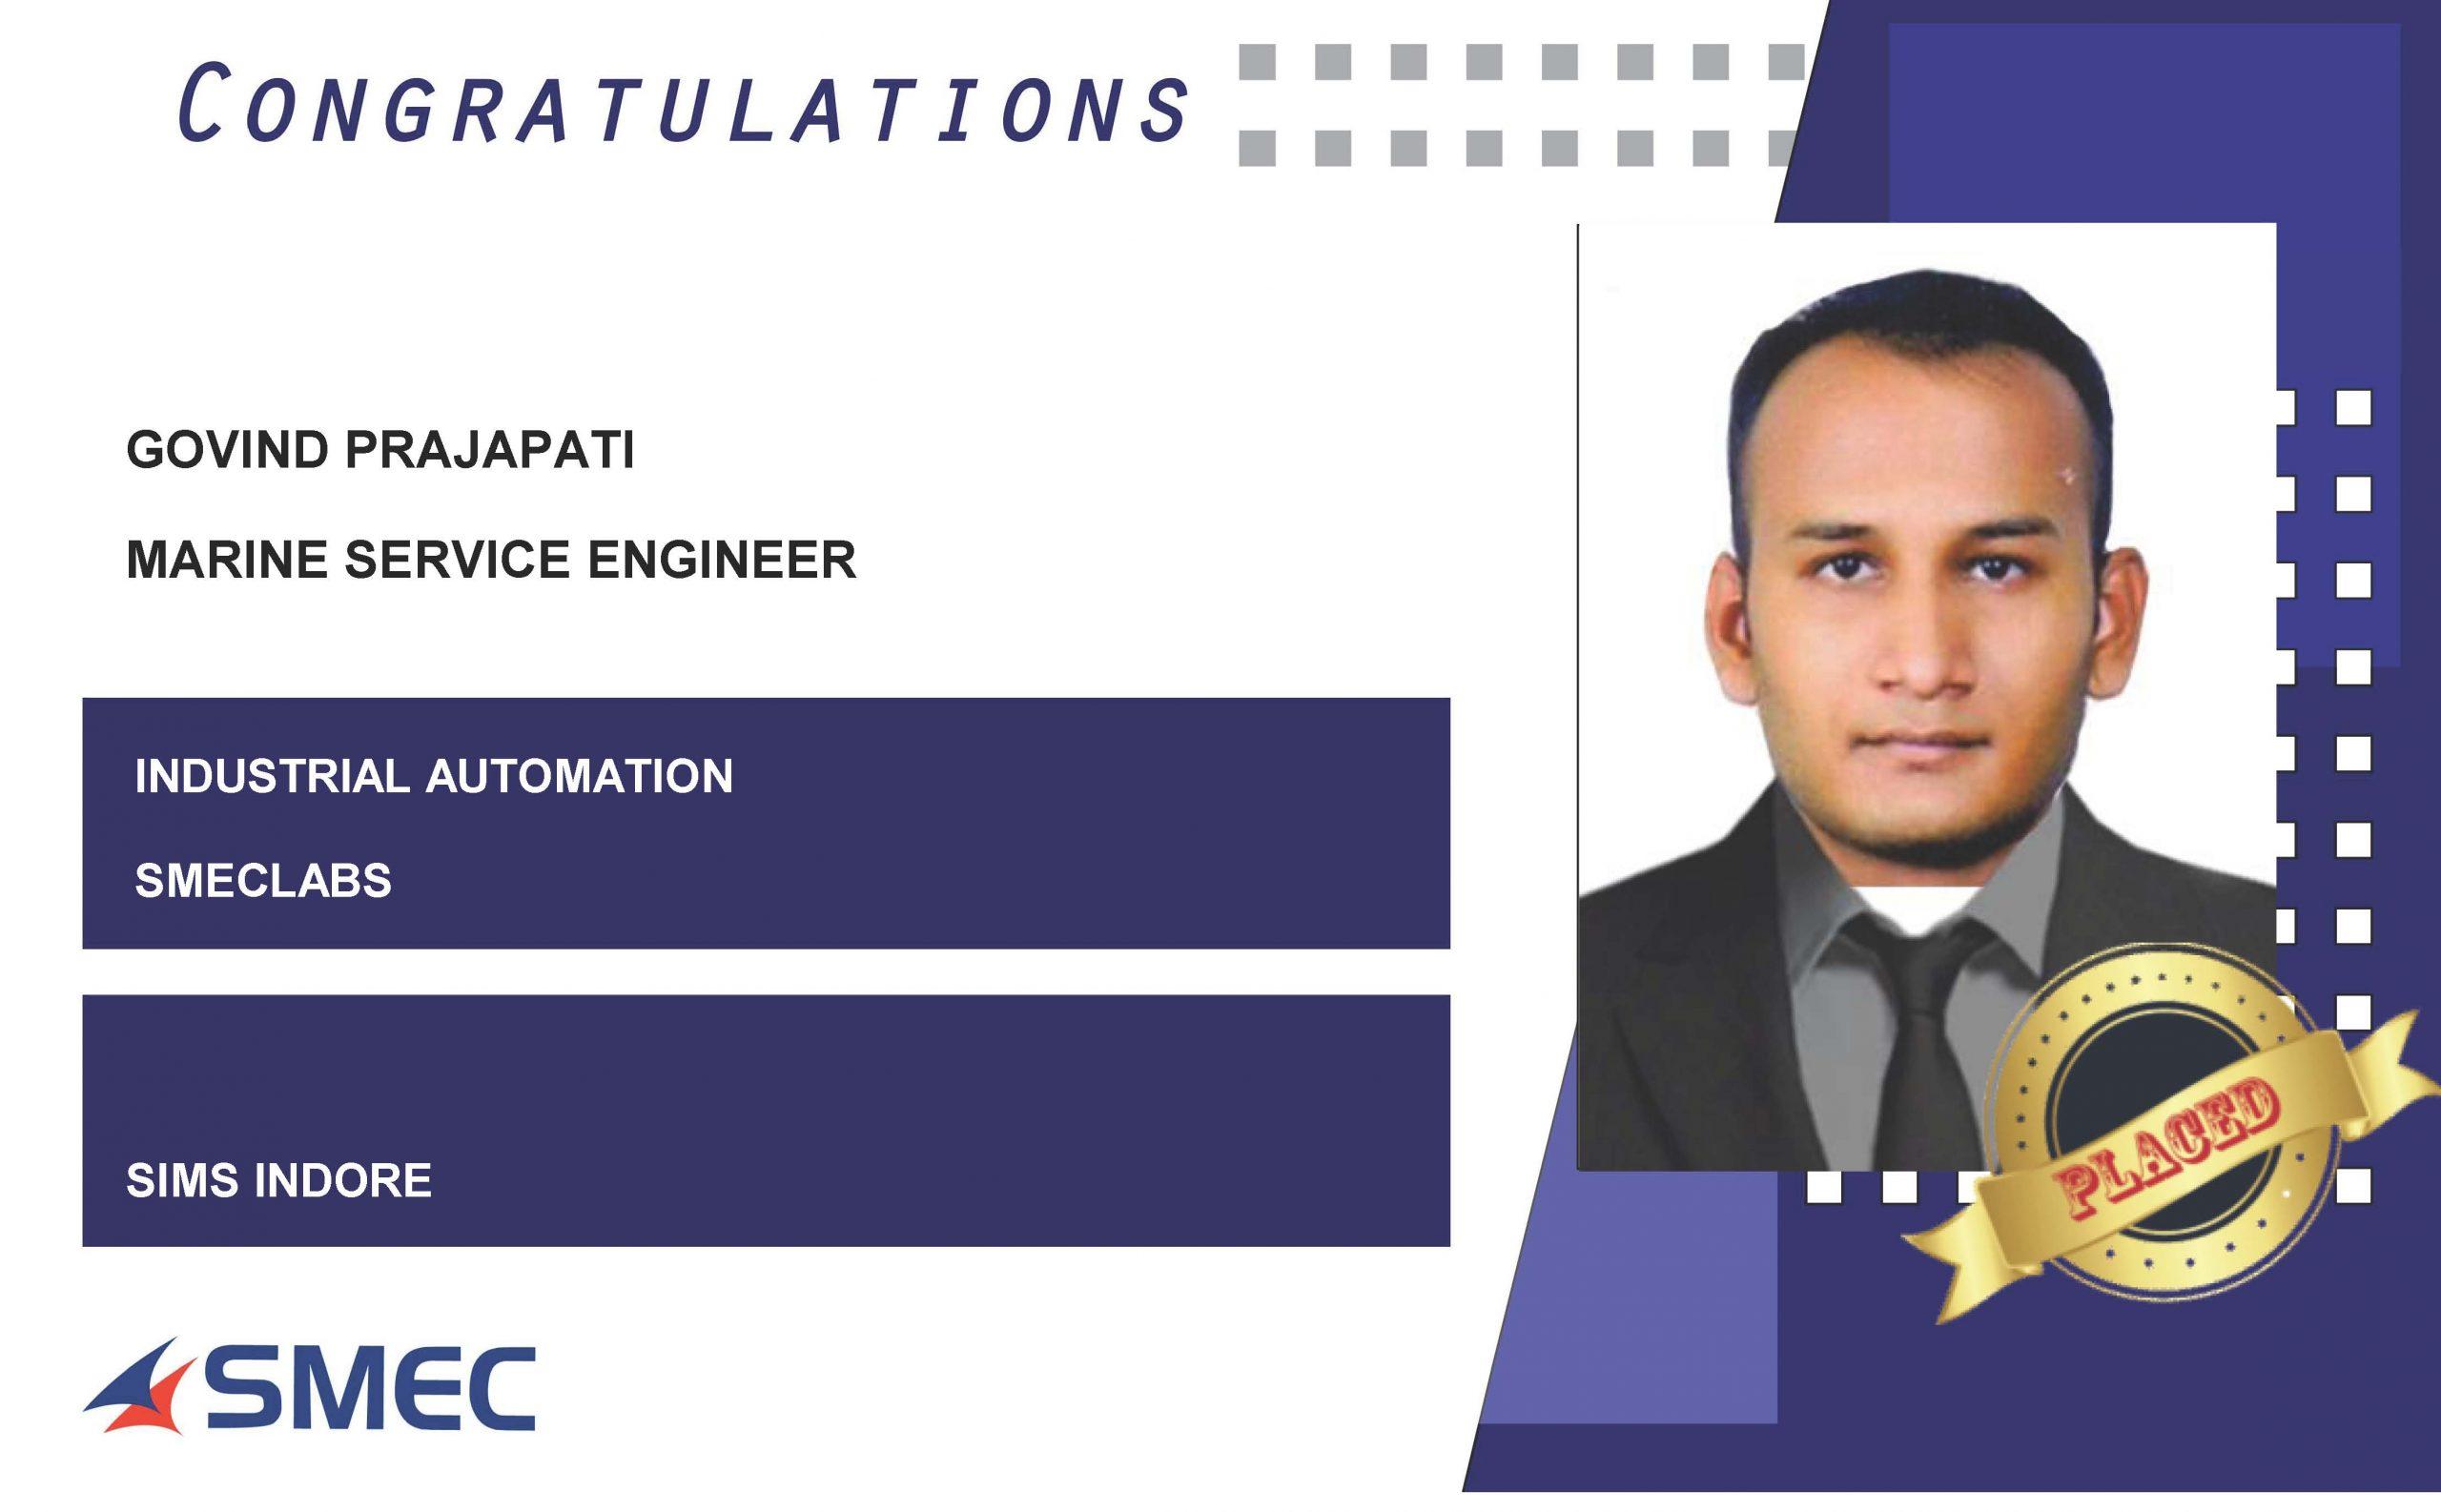 MARINE SERVICE ENGINEER CAREERS-Govind Prajapati